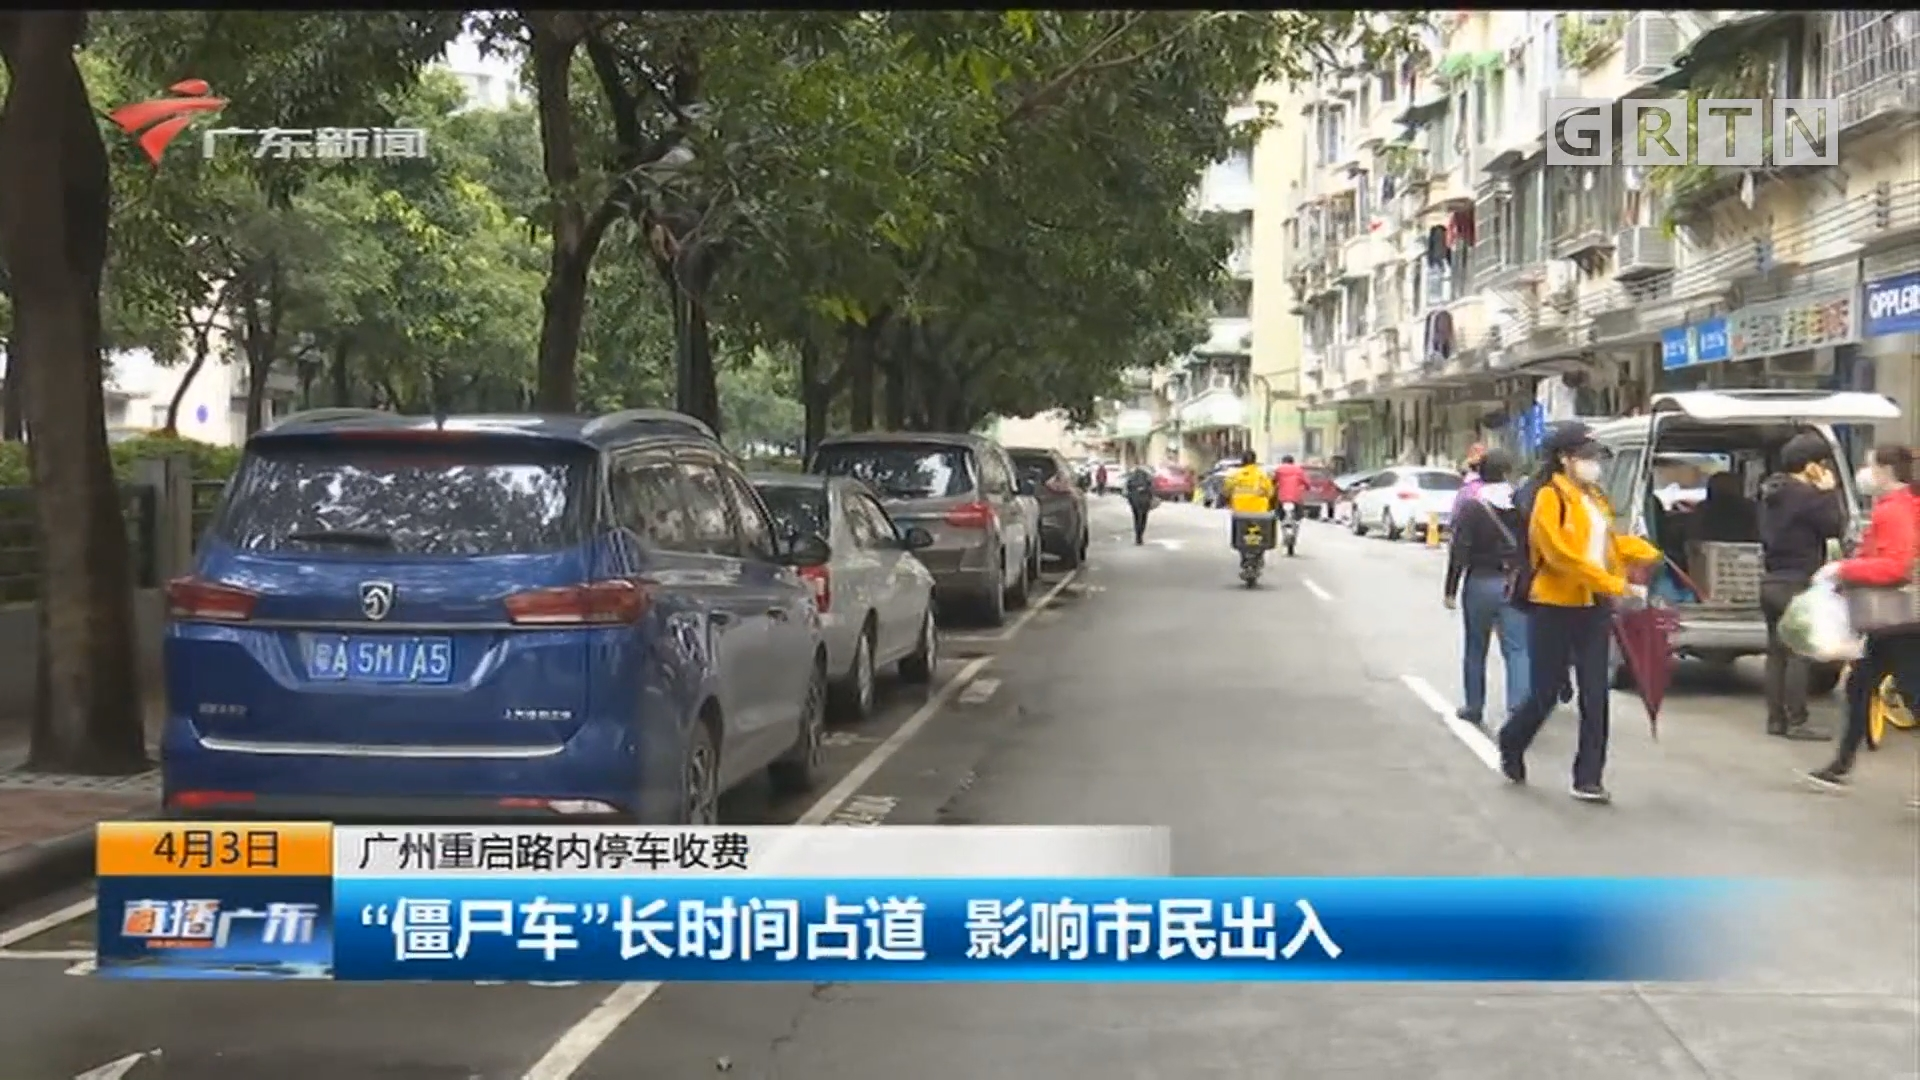 """广州重启路内停车收费 """"僵尸车""""长时间占道 影响市民出入"""